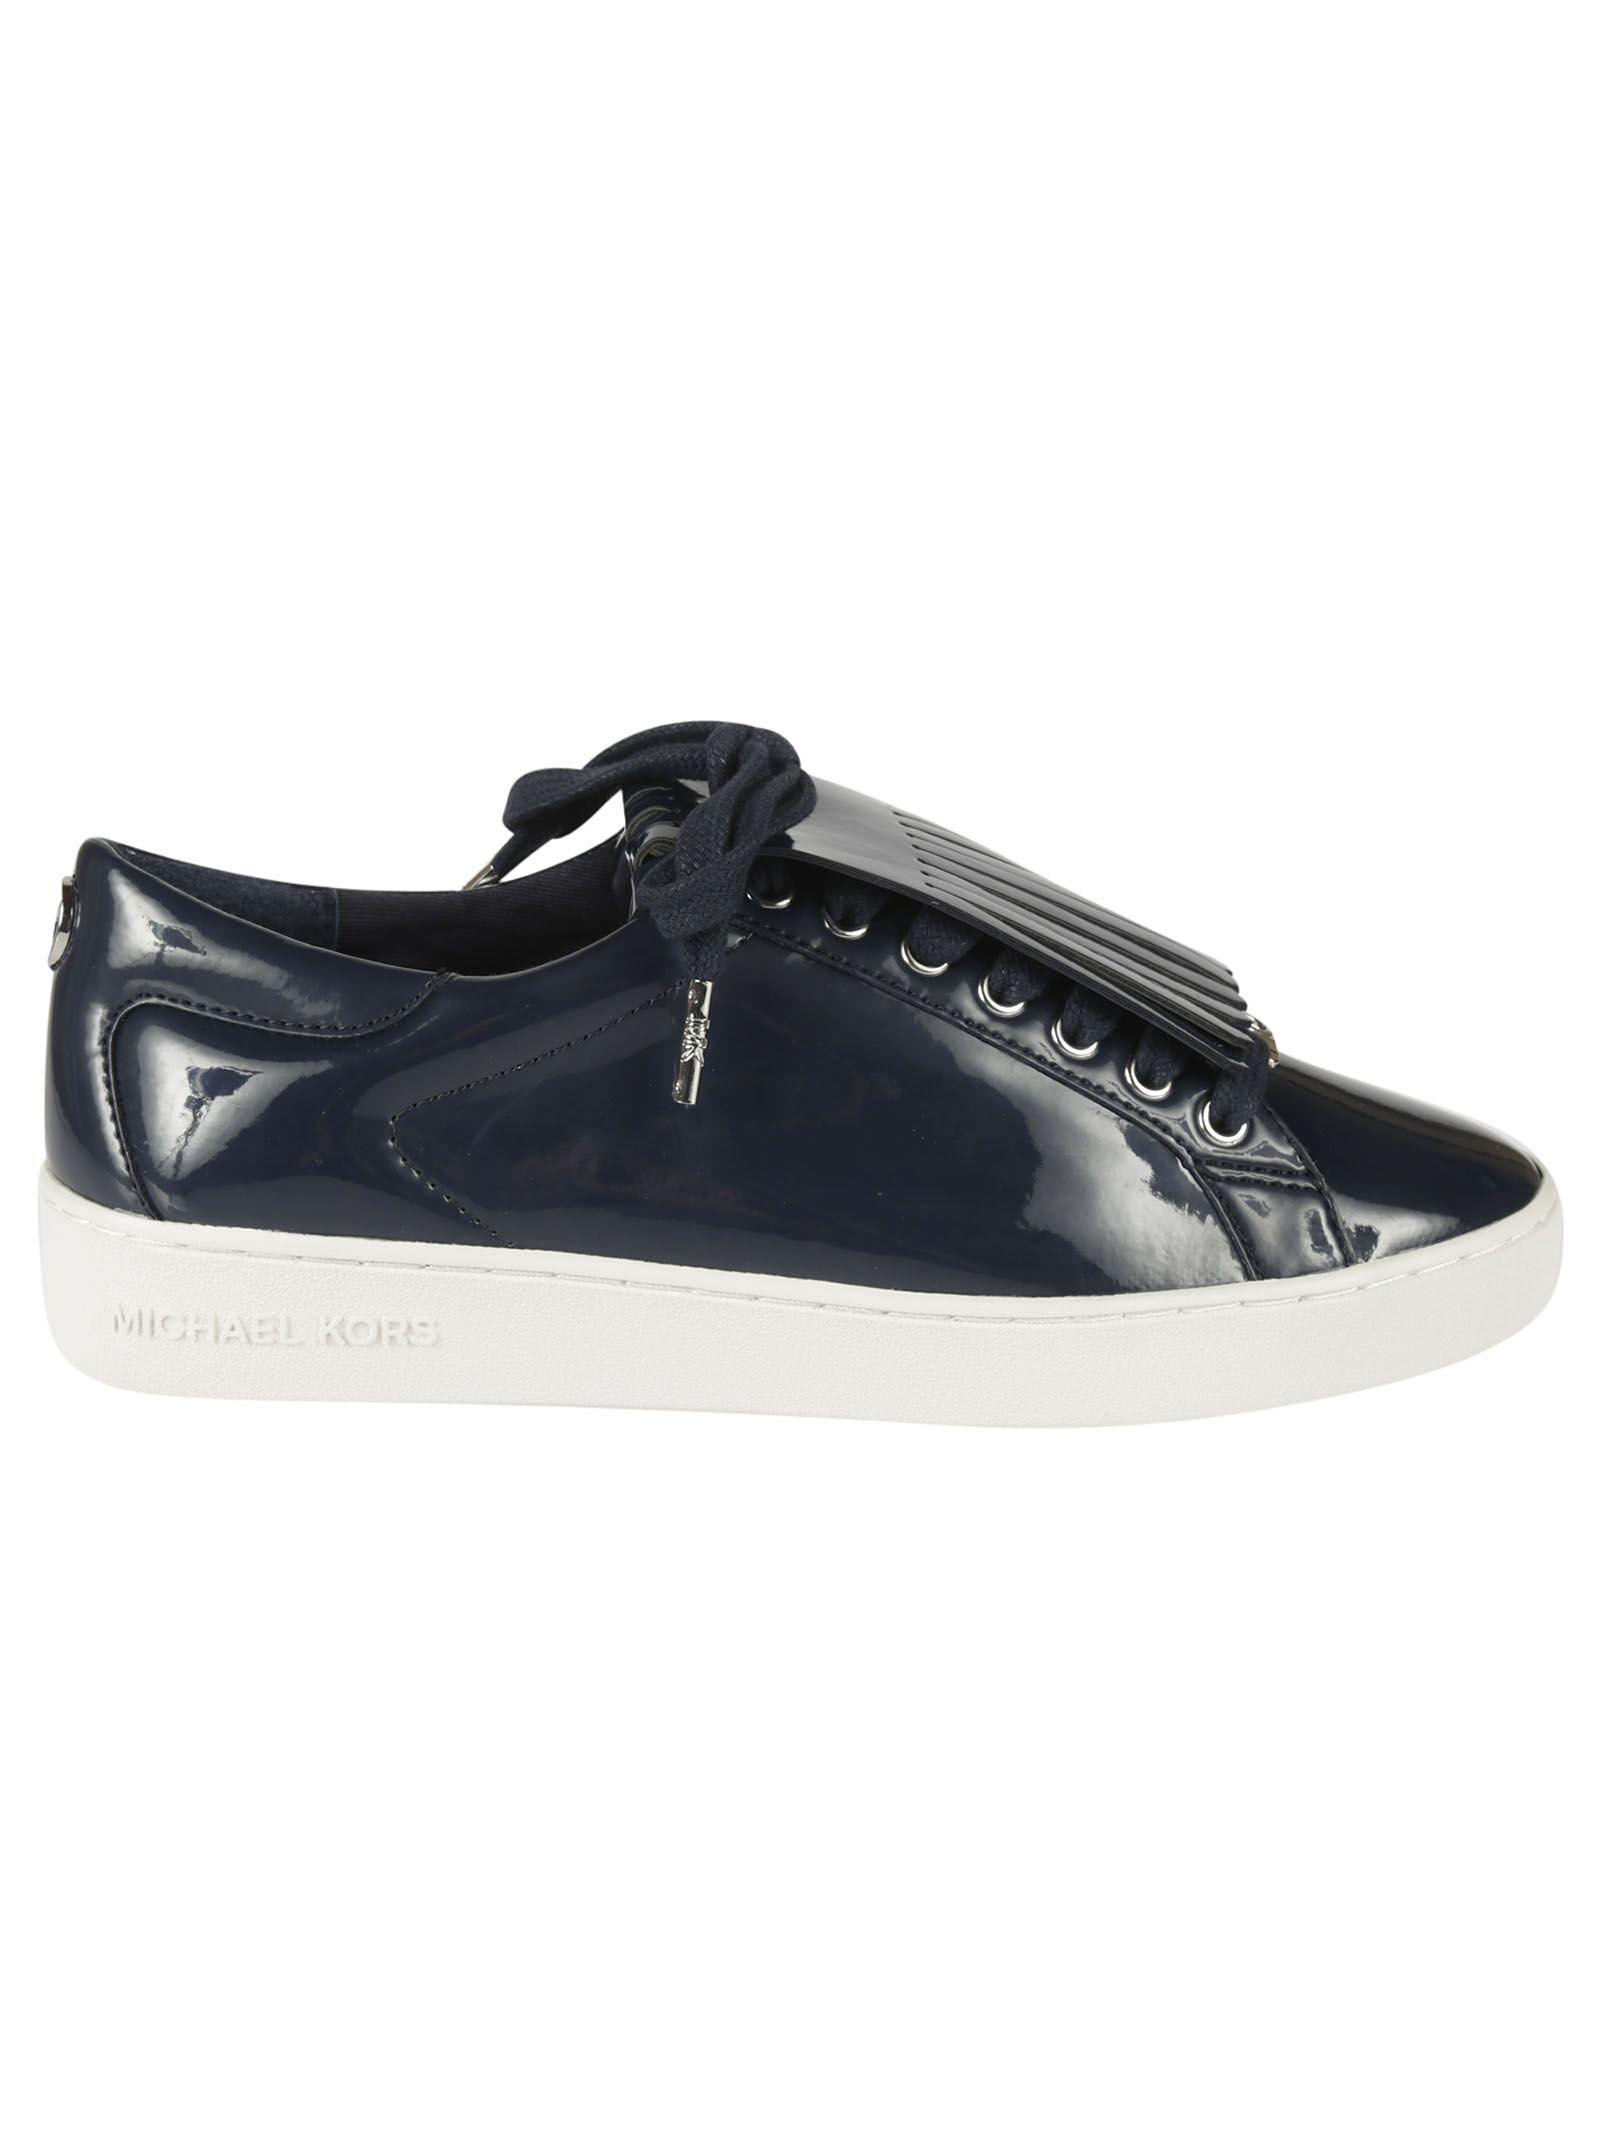 Michael Kors Sneakers KEATON KILTIE SNEAKERS